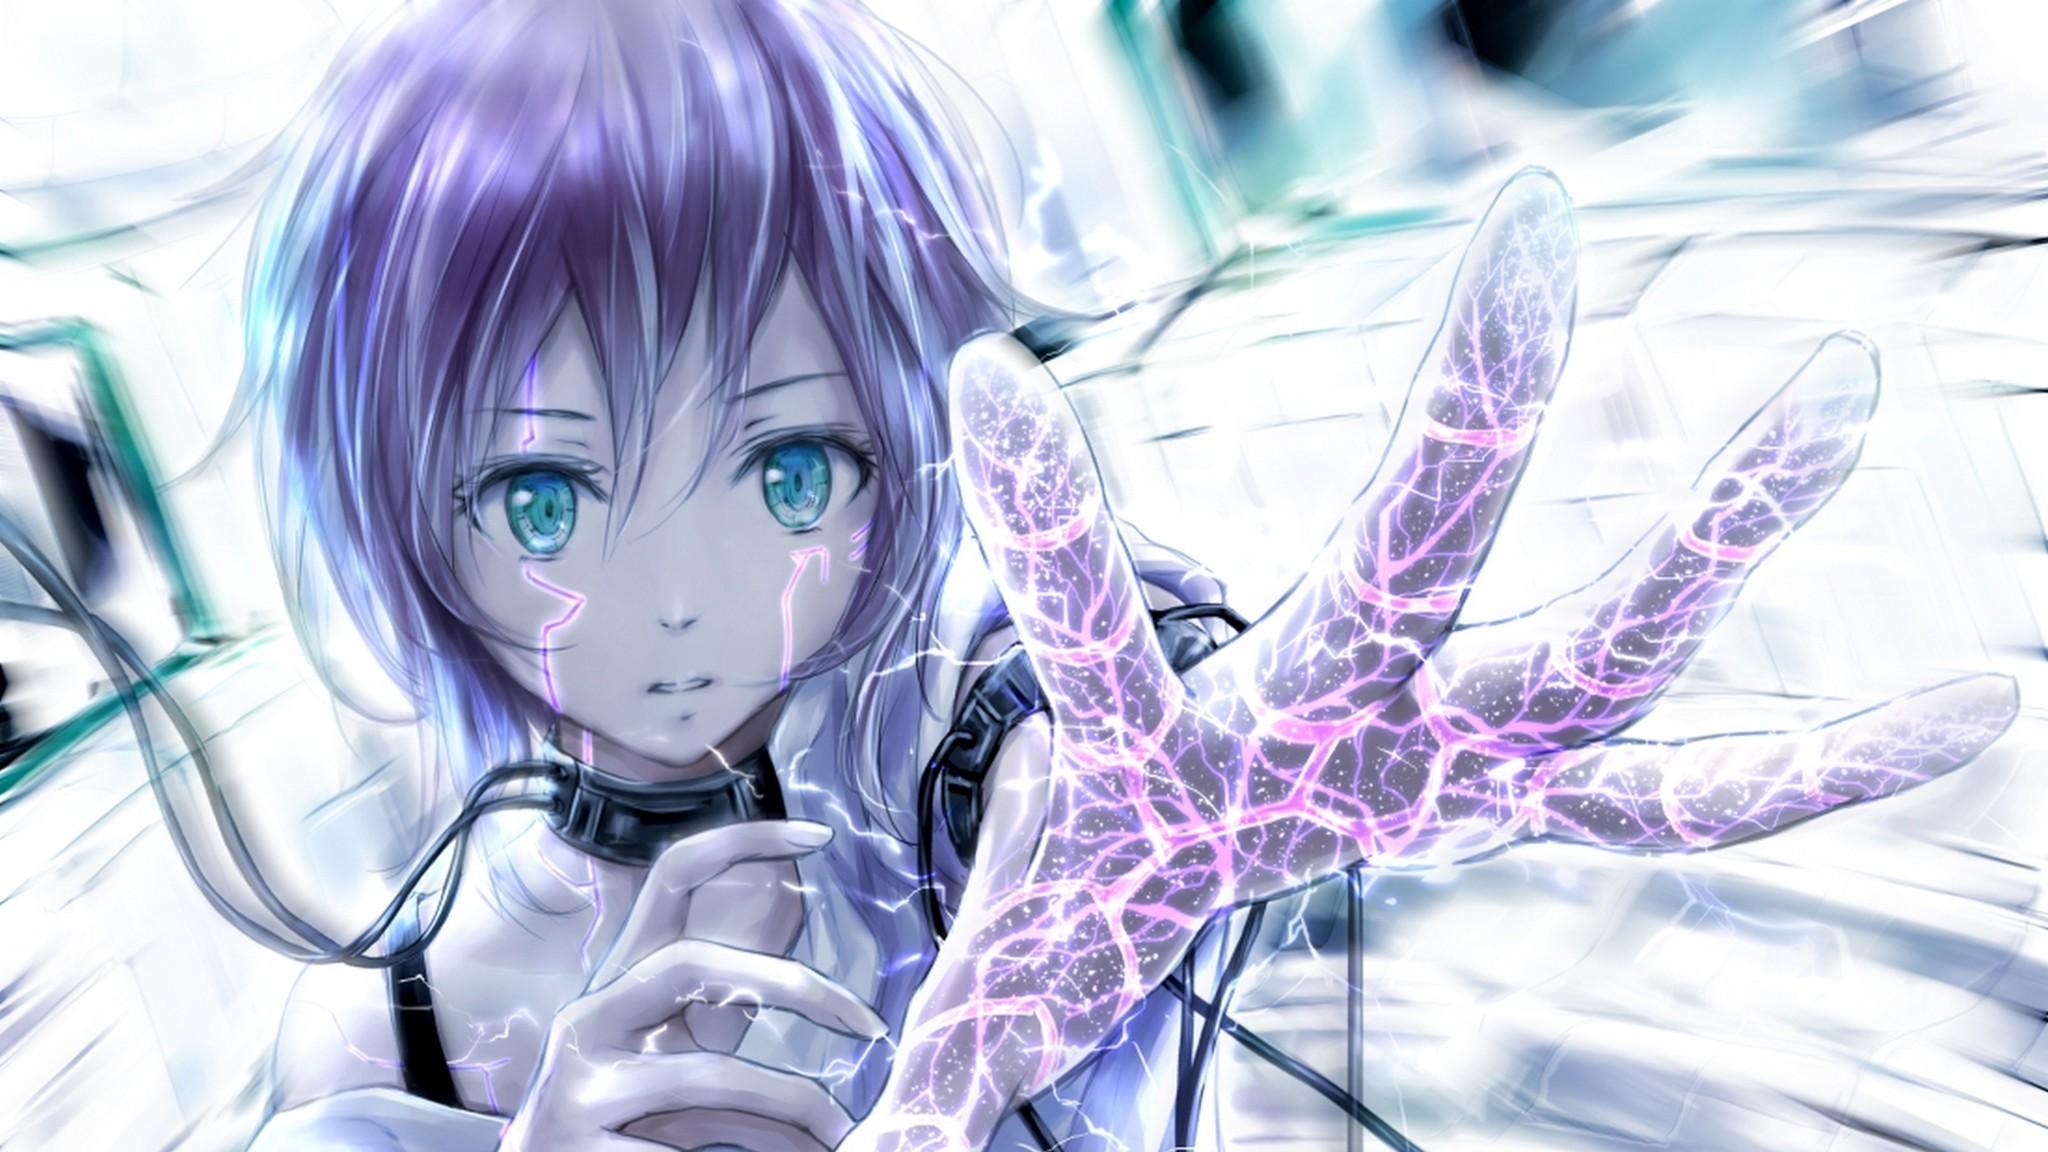 Res: 2048x1152, anime-art-girl.jpg